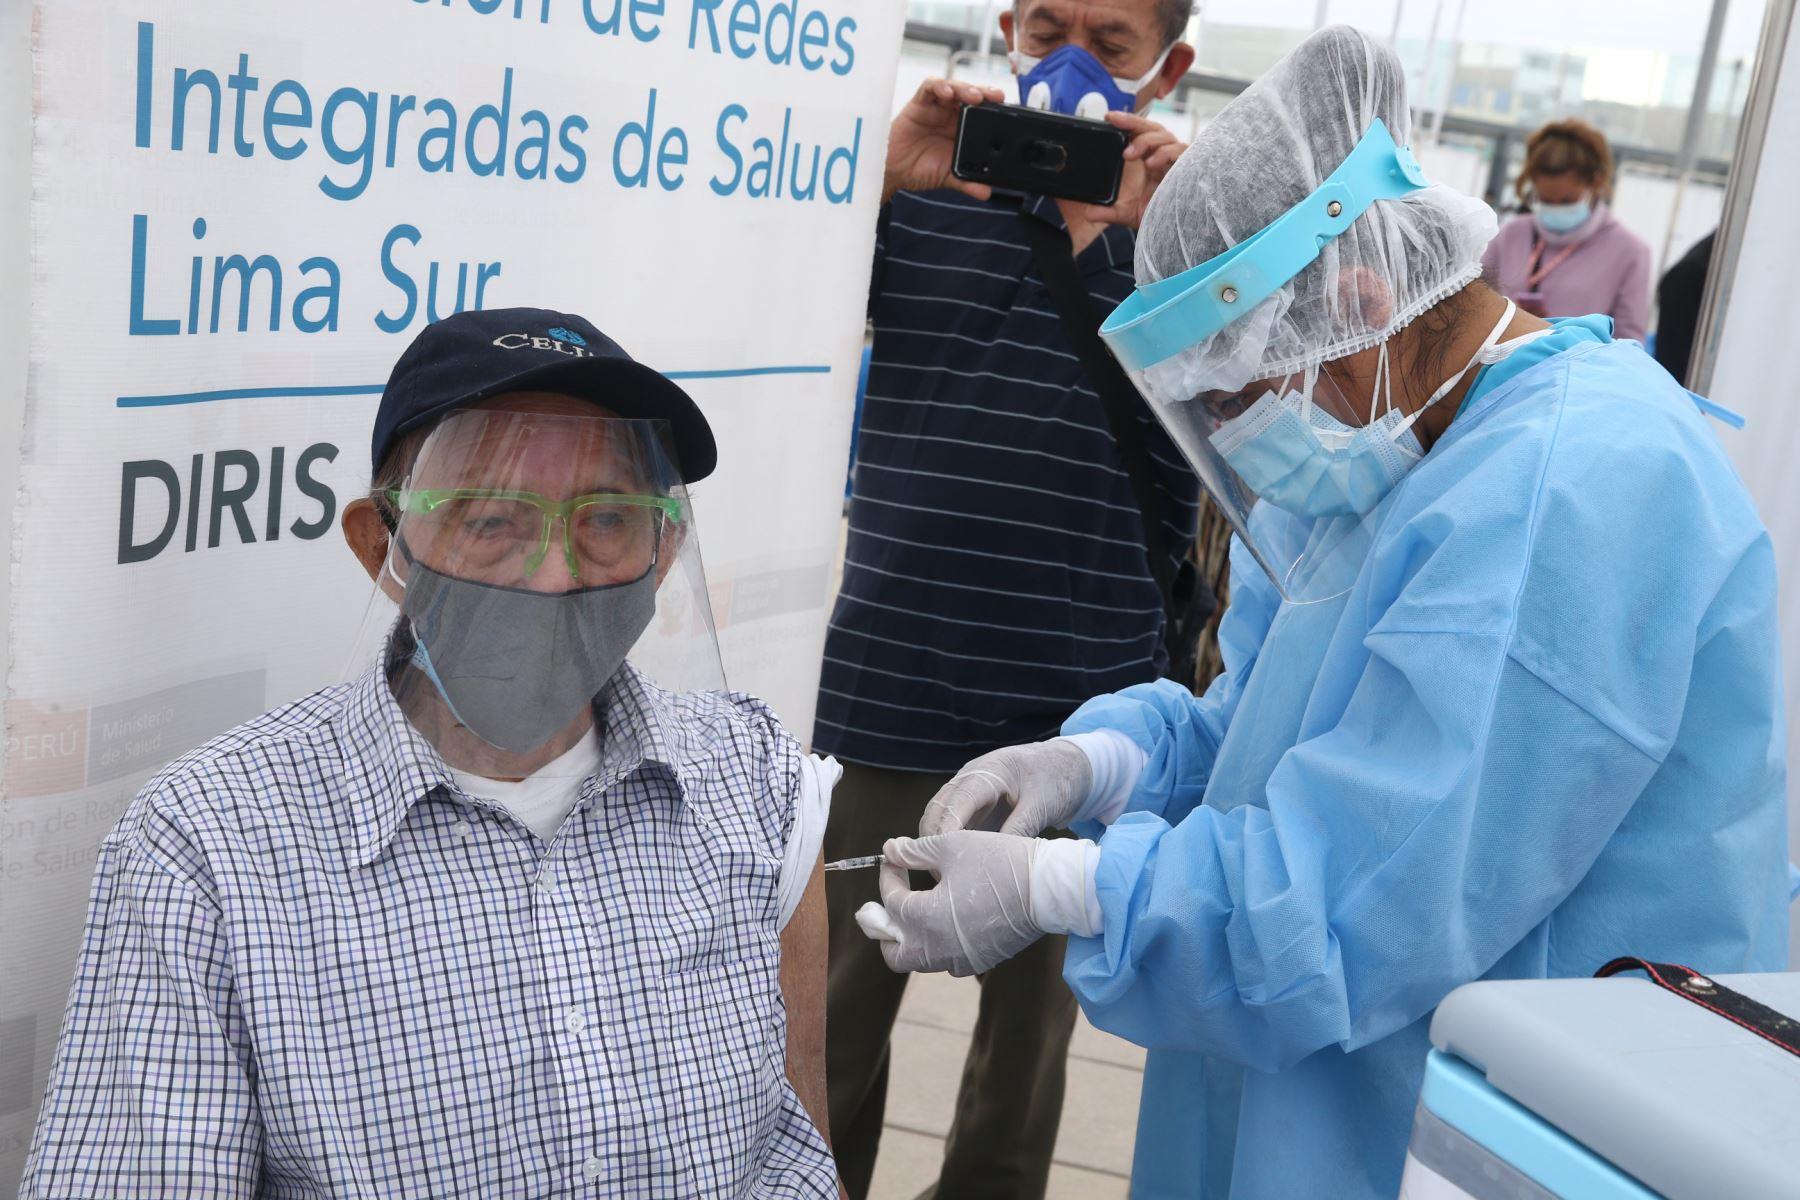 El Ministerio de Salud inicia vacunación contra el covid- 19 en el Polideportivo de Villa El Salvador, donde los adultos mayores de dicho distrito podrán ser llevados en autos particulares, taxis o mototaxis para ser inmunizados. Foto: ANDINA / Vidal Tarqui